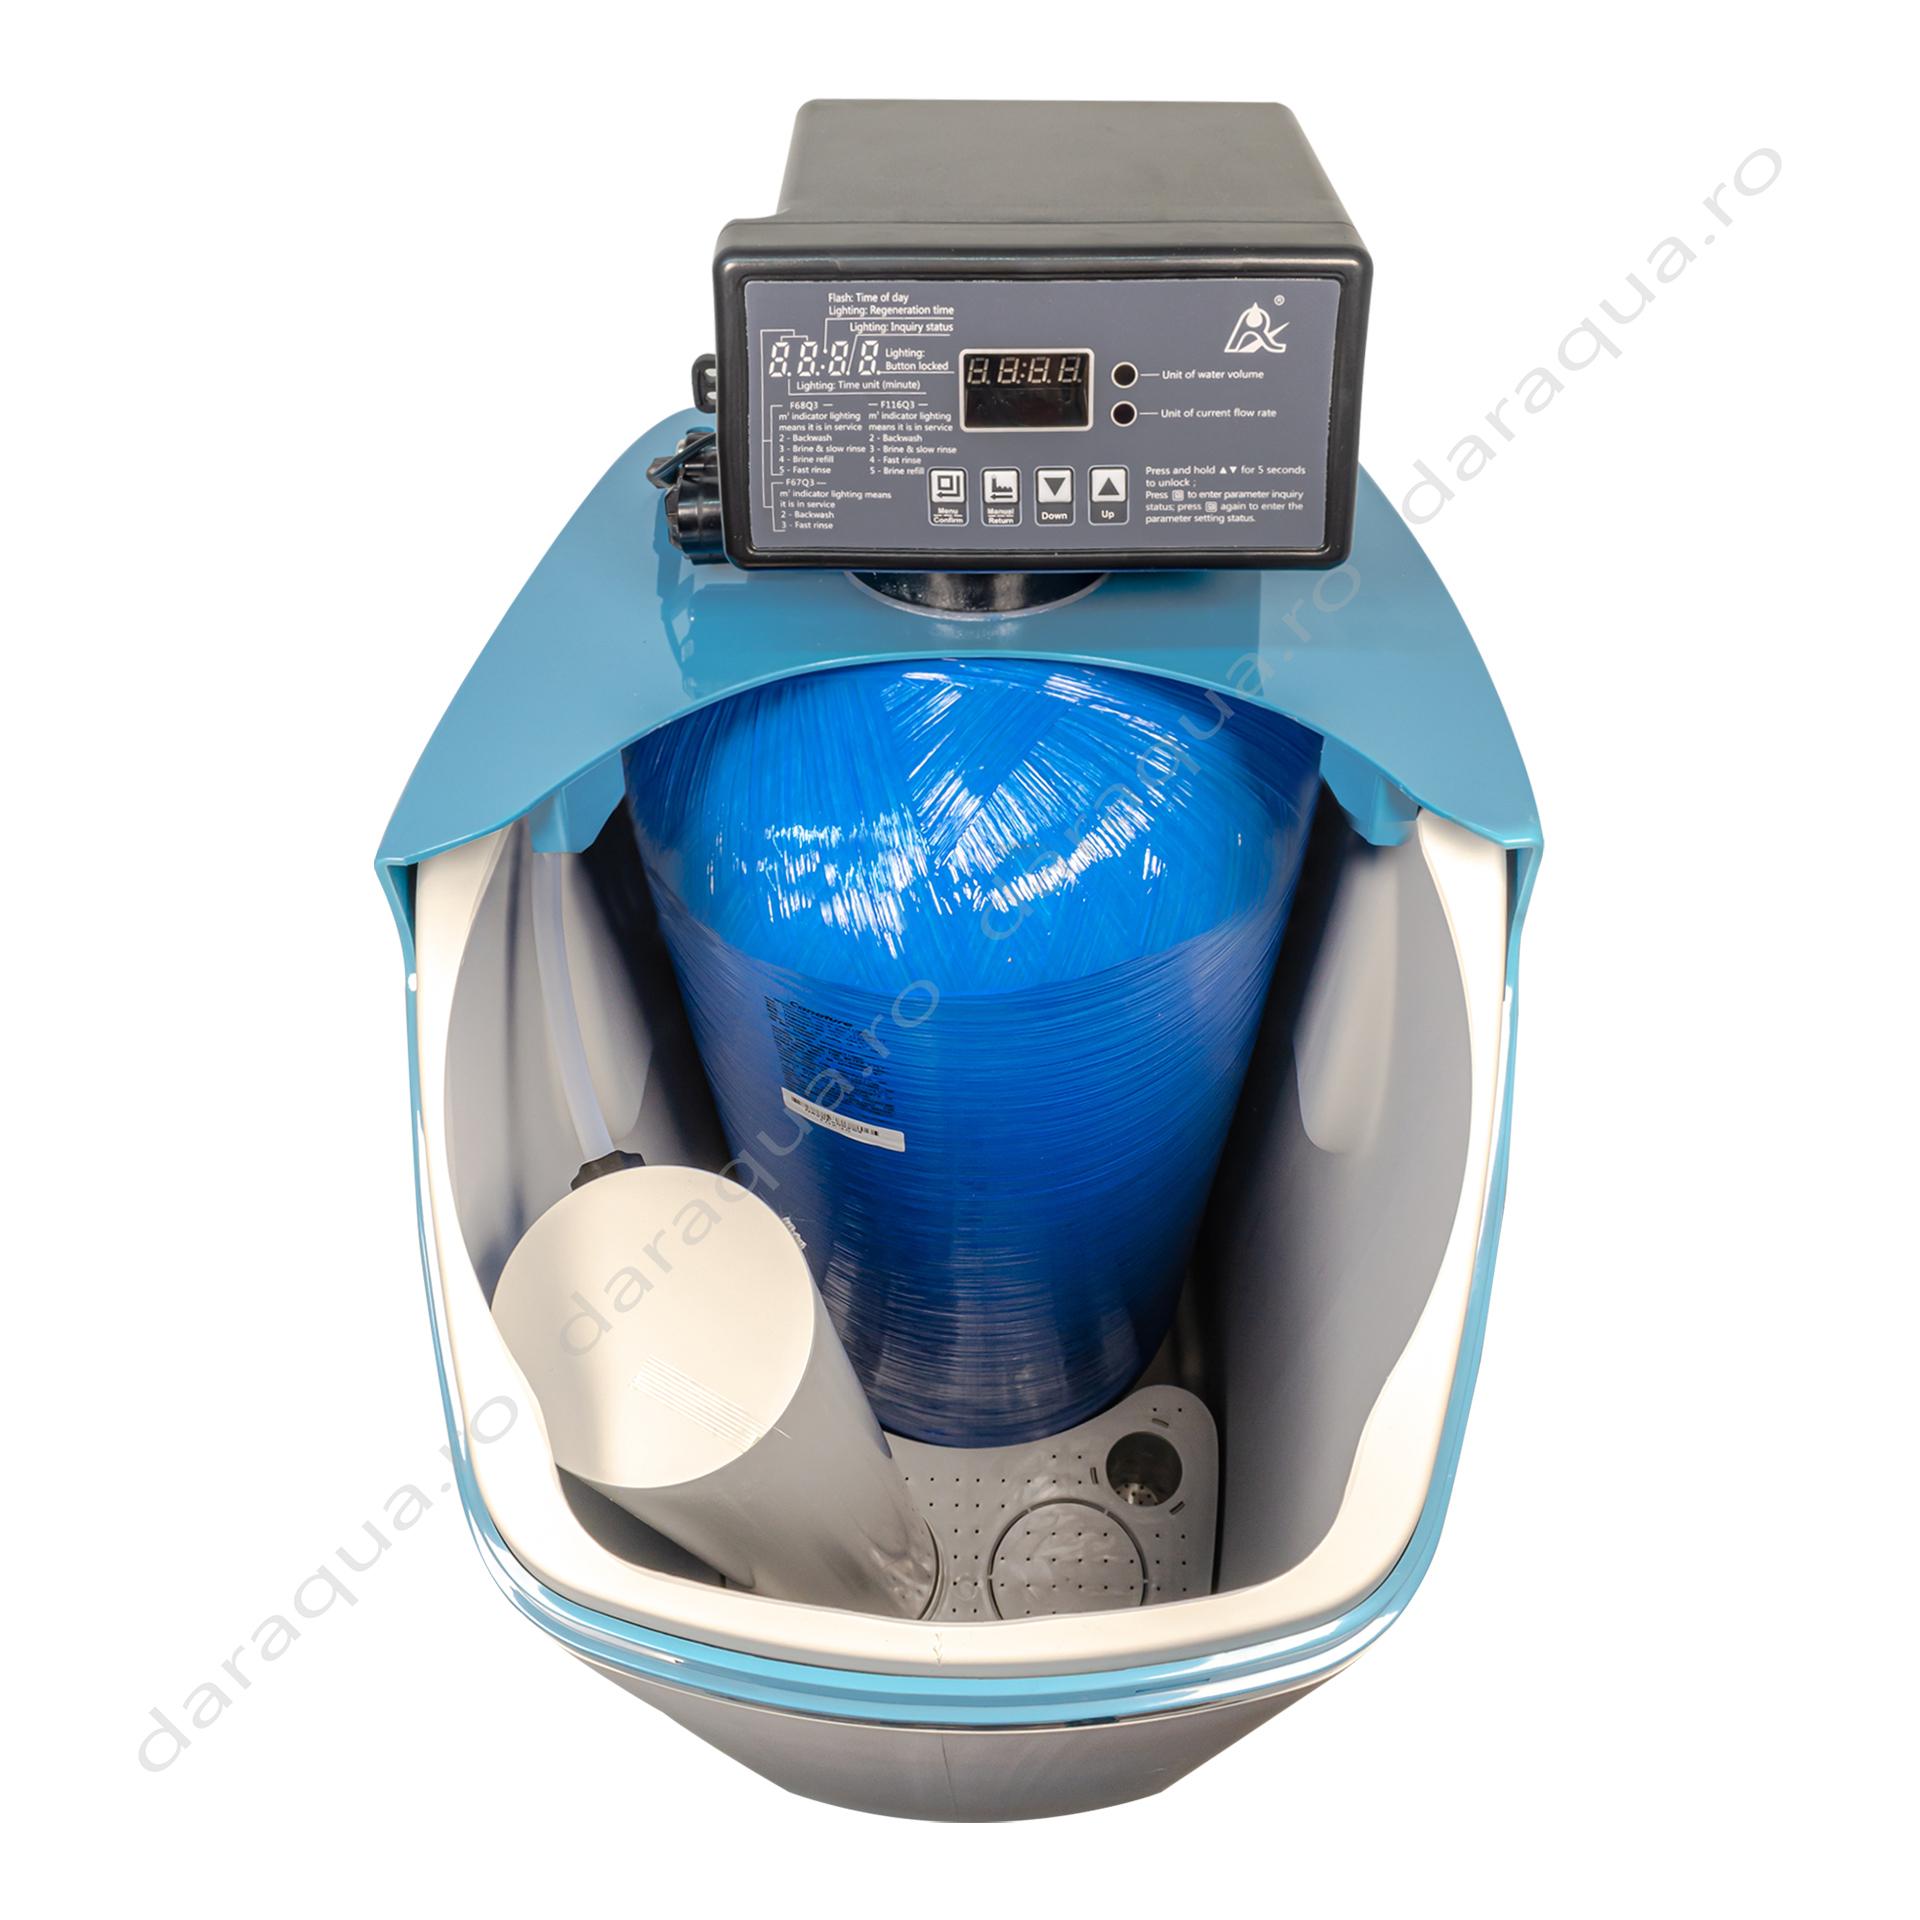 Dedurizator 30 litri - protejeaza echipamentele si instalatia impotriva depunerilor de calcar.